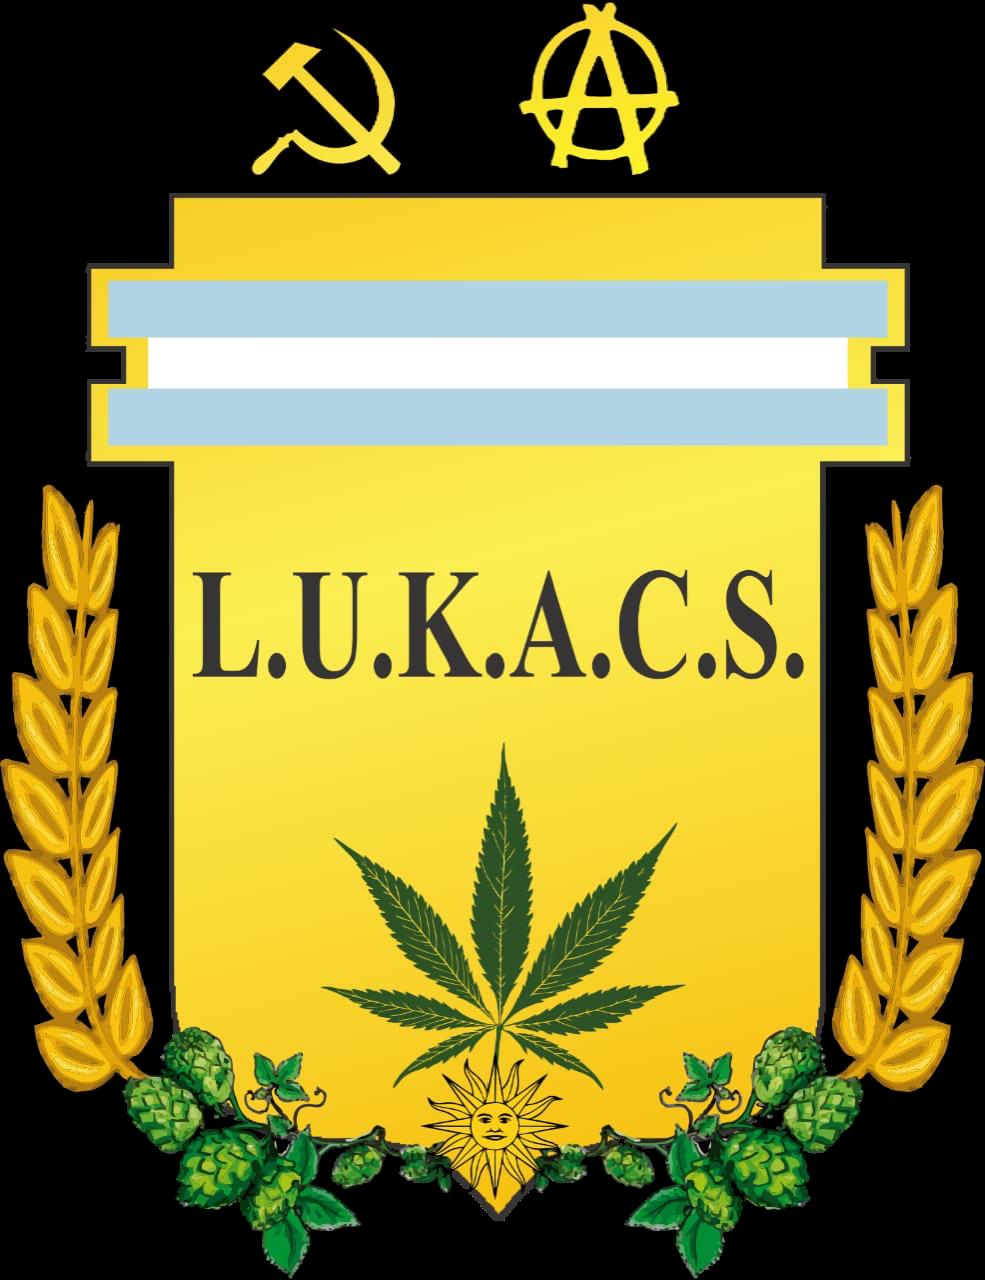 Lukacs